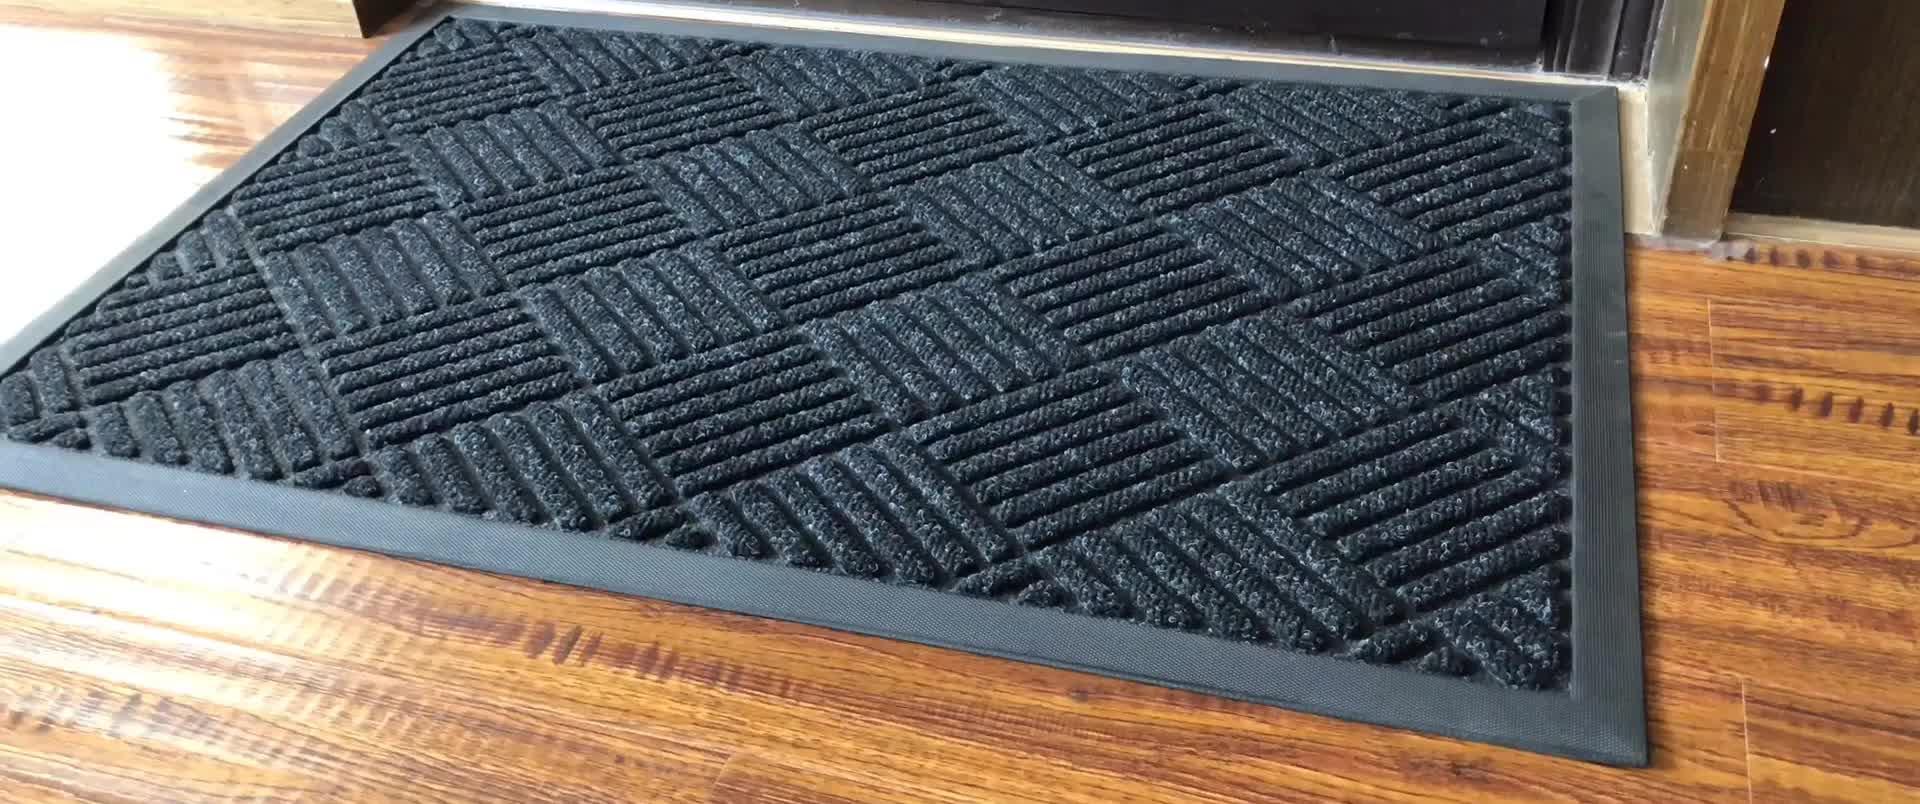 40x60 cm 45x75 cm 60x90 cm Lavable Intérieur/Extérieur Profil Paillasson avec Design tapis d'entrée pour La Maison D'entrée Extérieur À L'intérieur